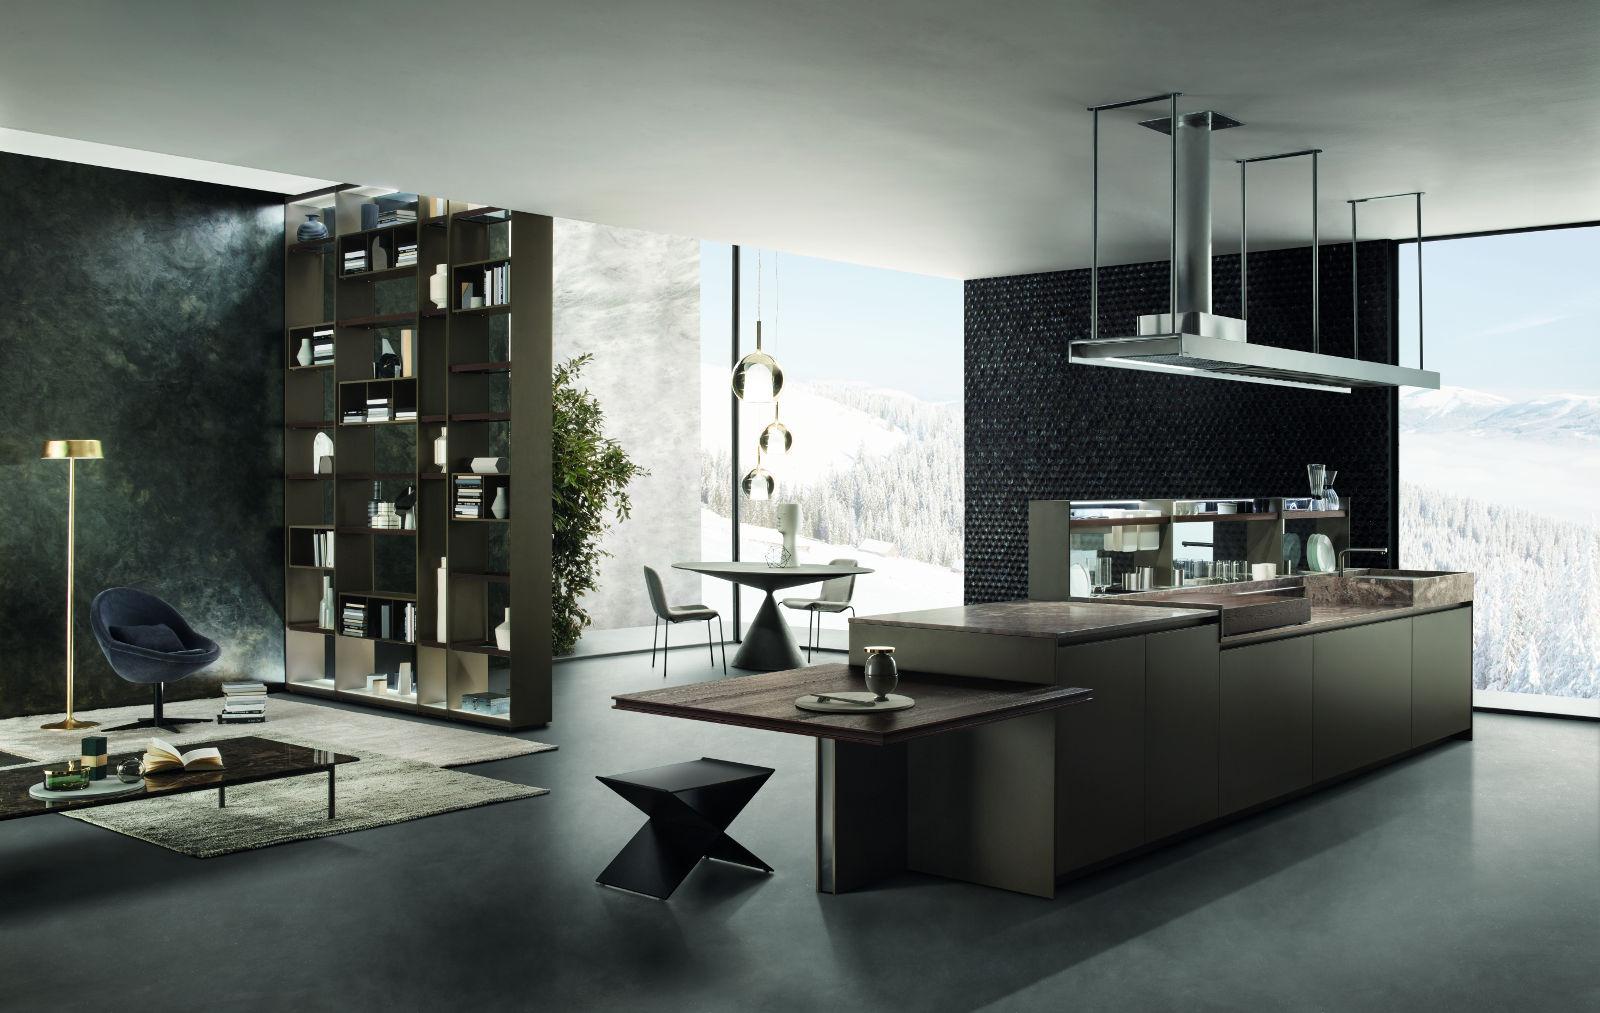 Küchen mit Design aus Italien - Ernestomeda | decuspena